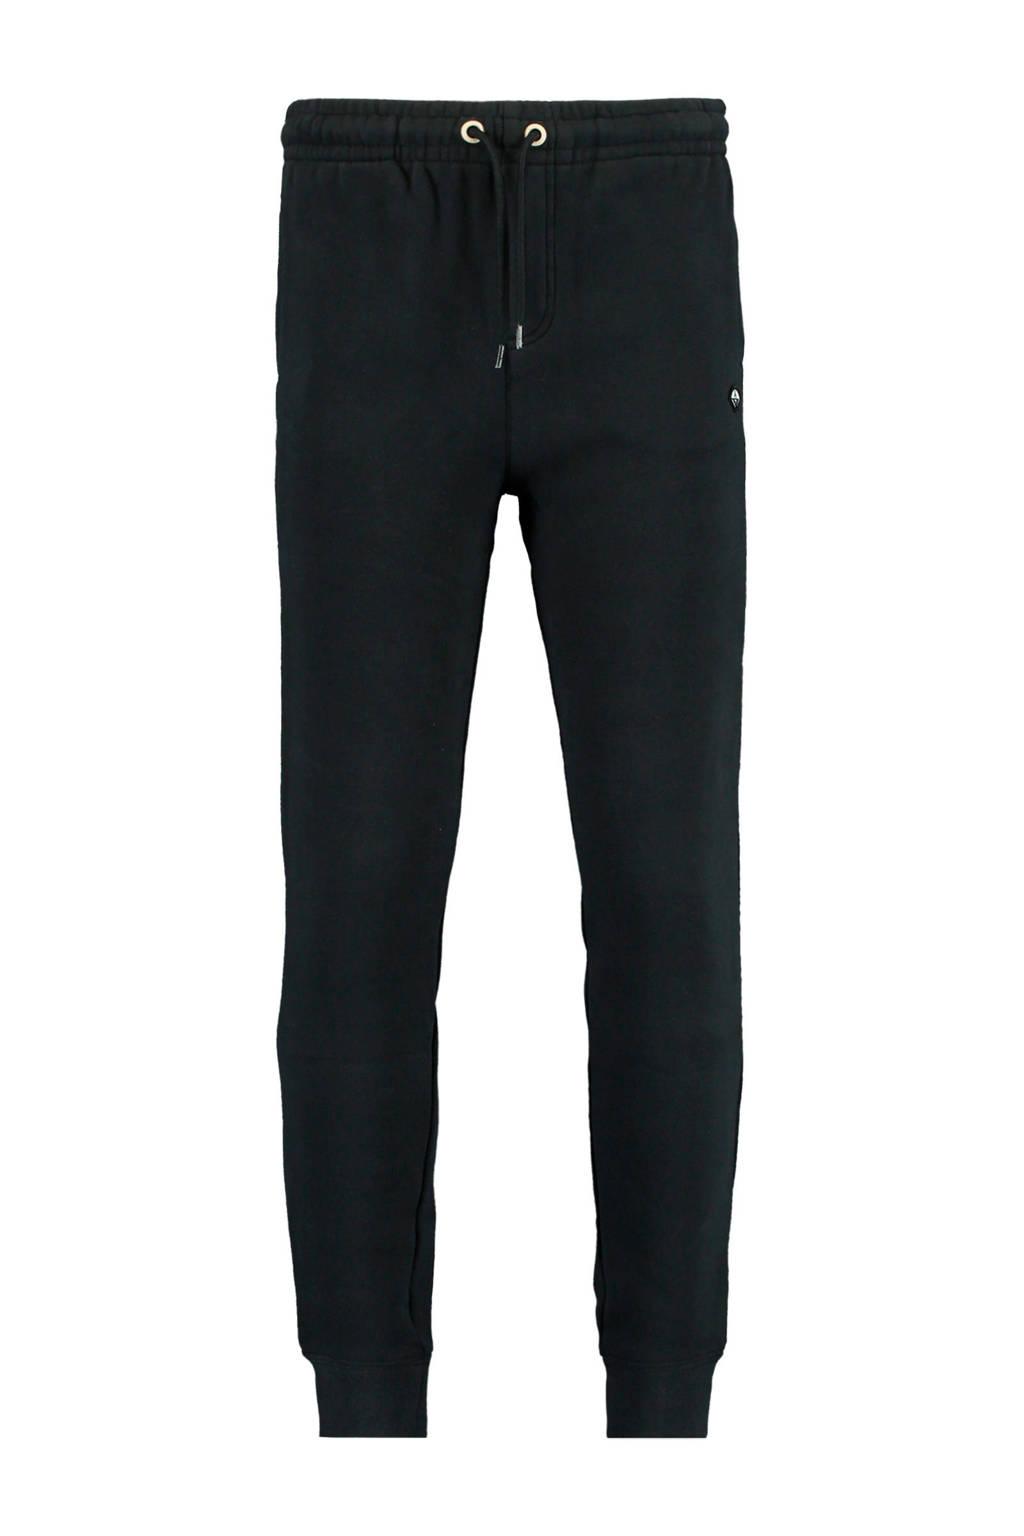 America Today Junior broek Con met logo zwart, Zwart